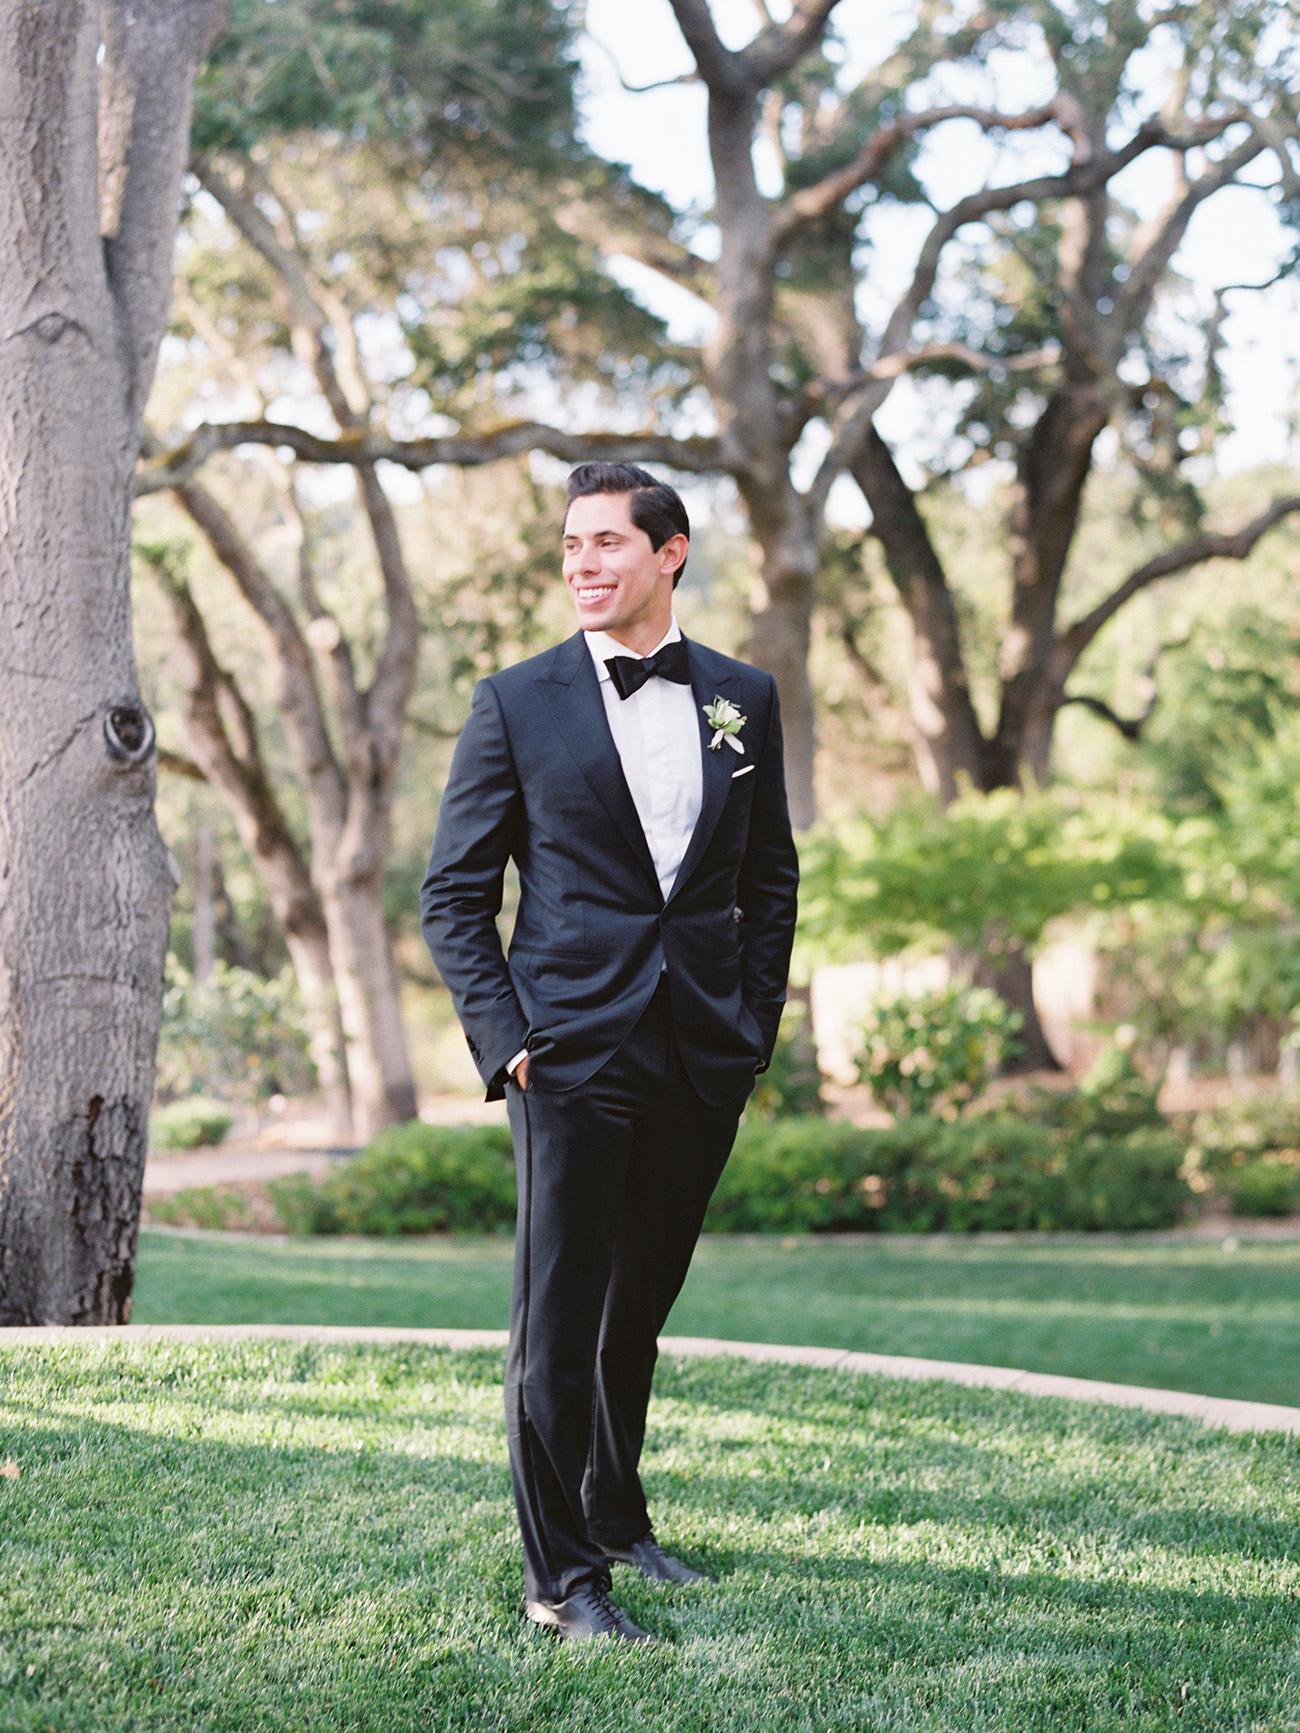 lane_Dittoe_weddings_062.jpg